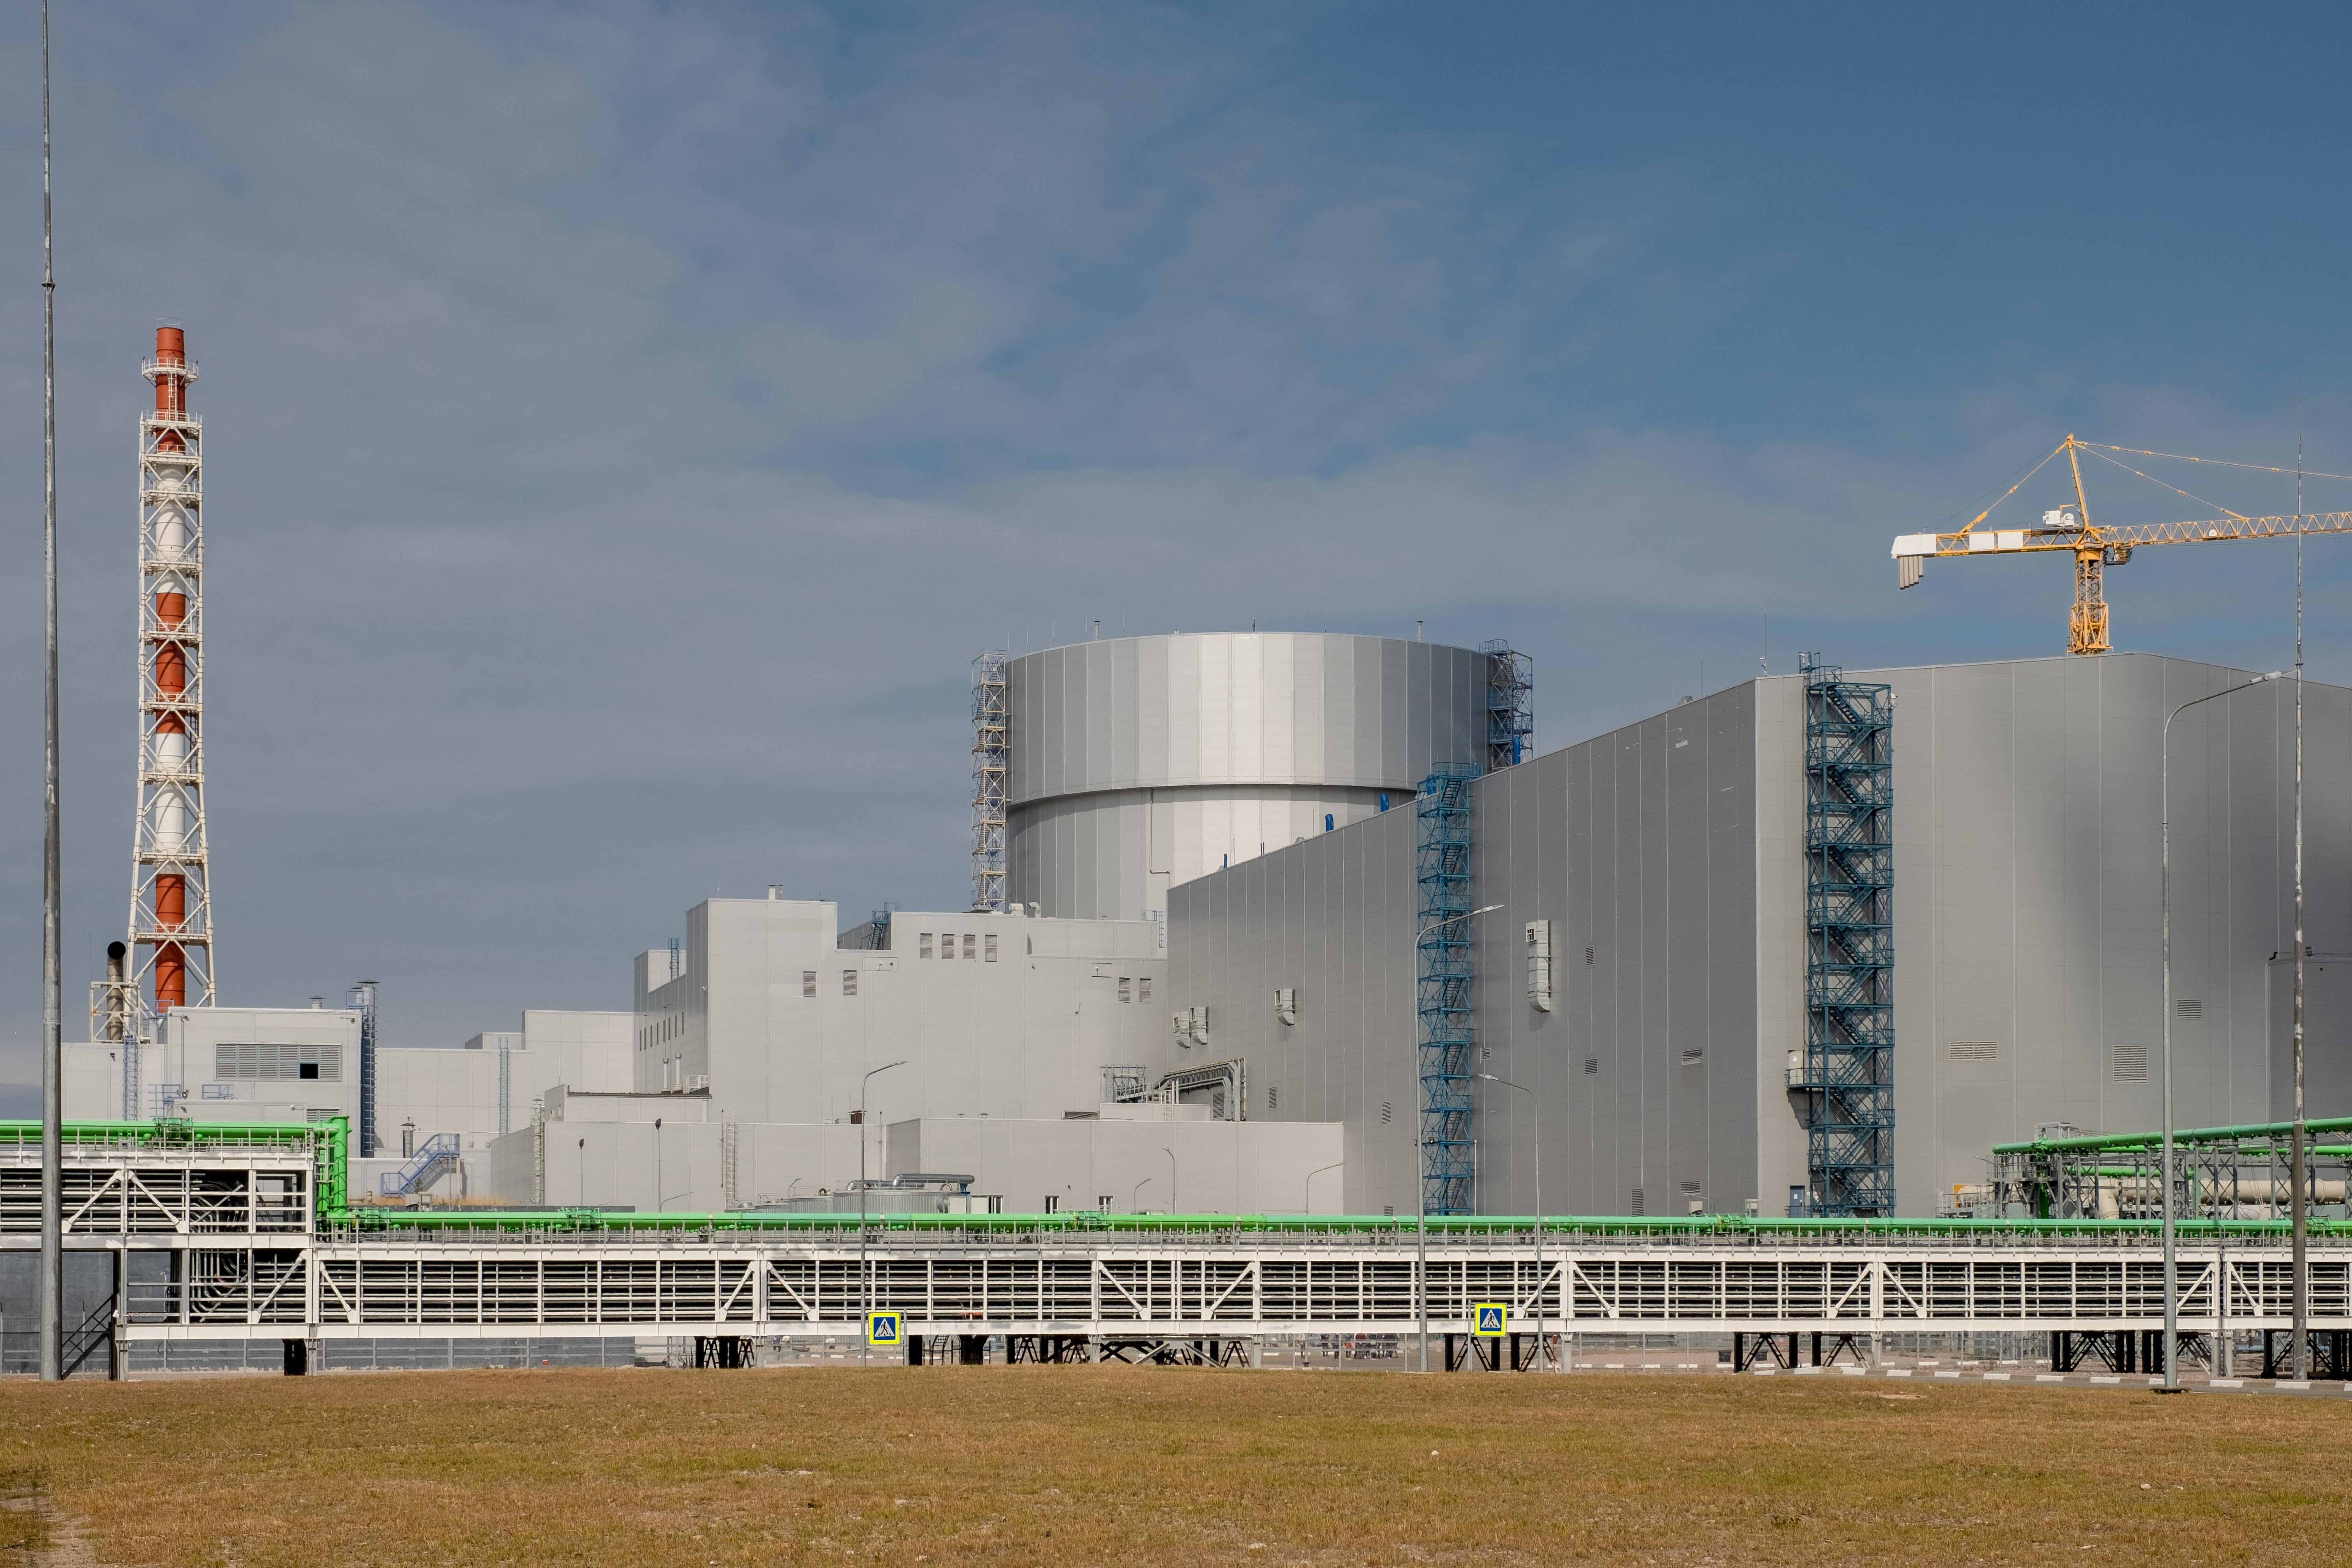 jaderná energie - Na letošní rok je naplánováno spuštění 4 nových bloků typu VVER - Zprávy (První blok jaderné elektrárny Leninigradská II) 2